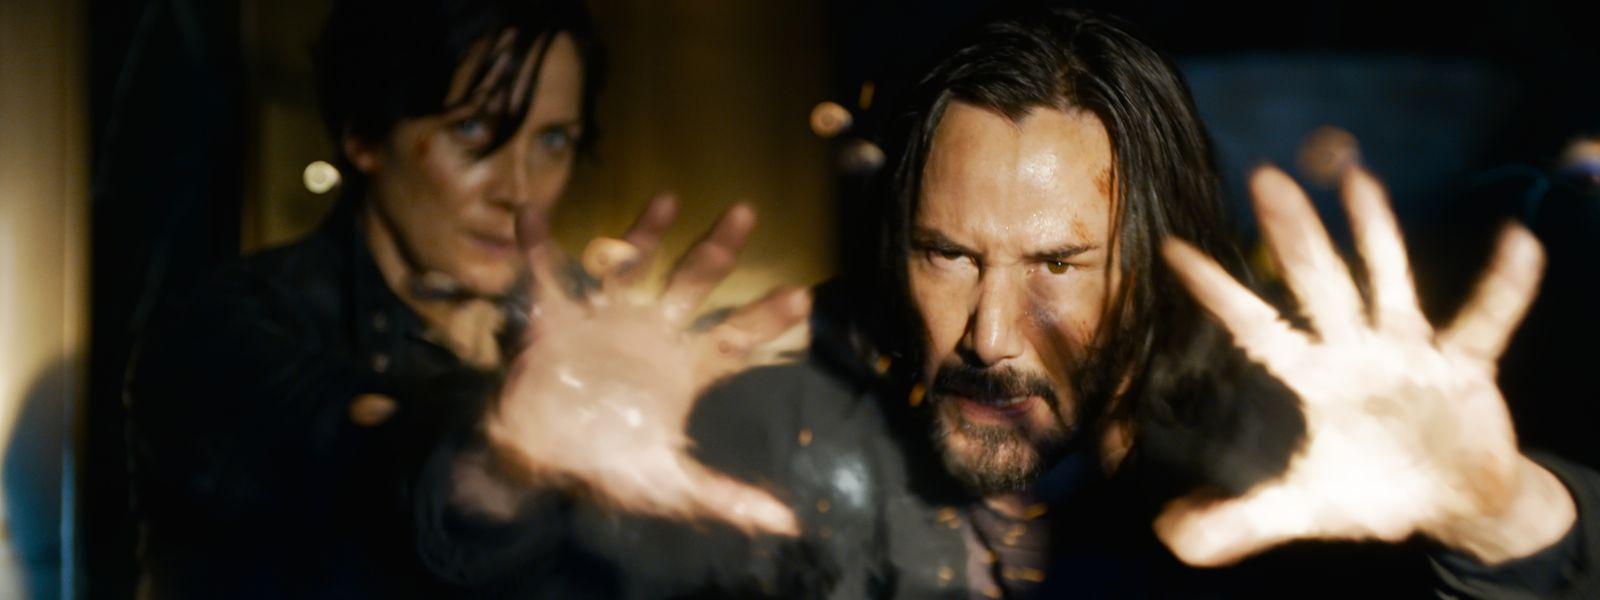 """Carrie-Anne Moss als Trinity und Keanu Reeves als Neo in einer Szene des Films """"Matrix 4 - Resurrections""""."""